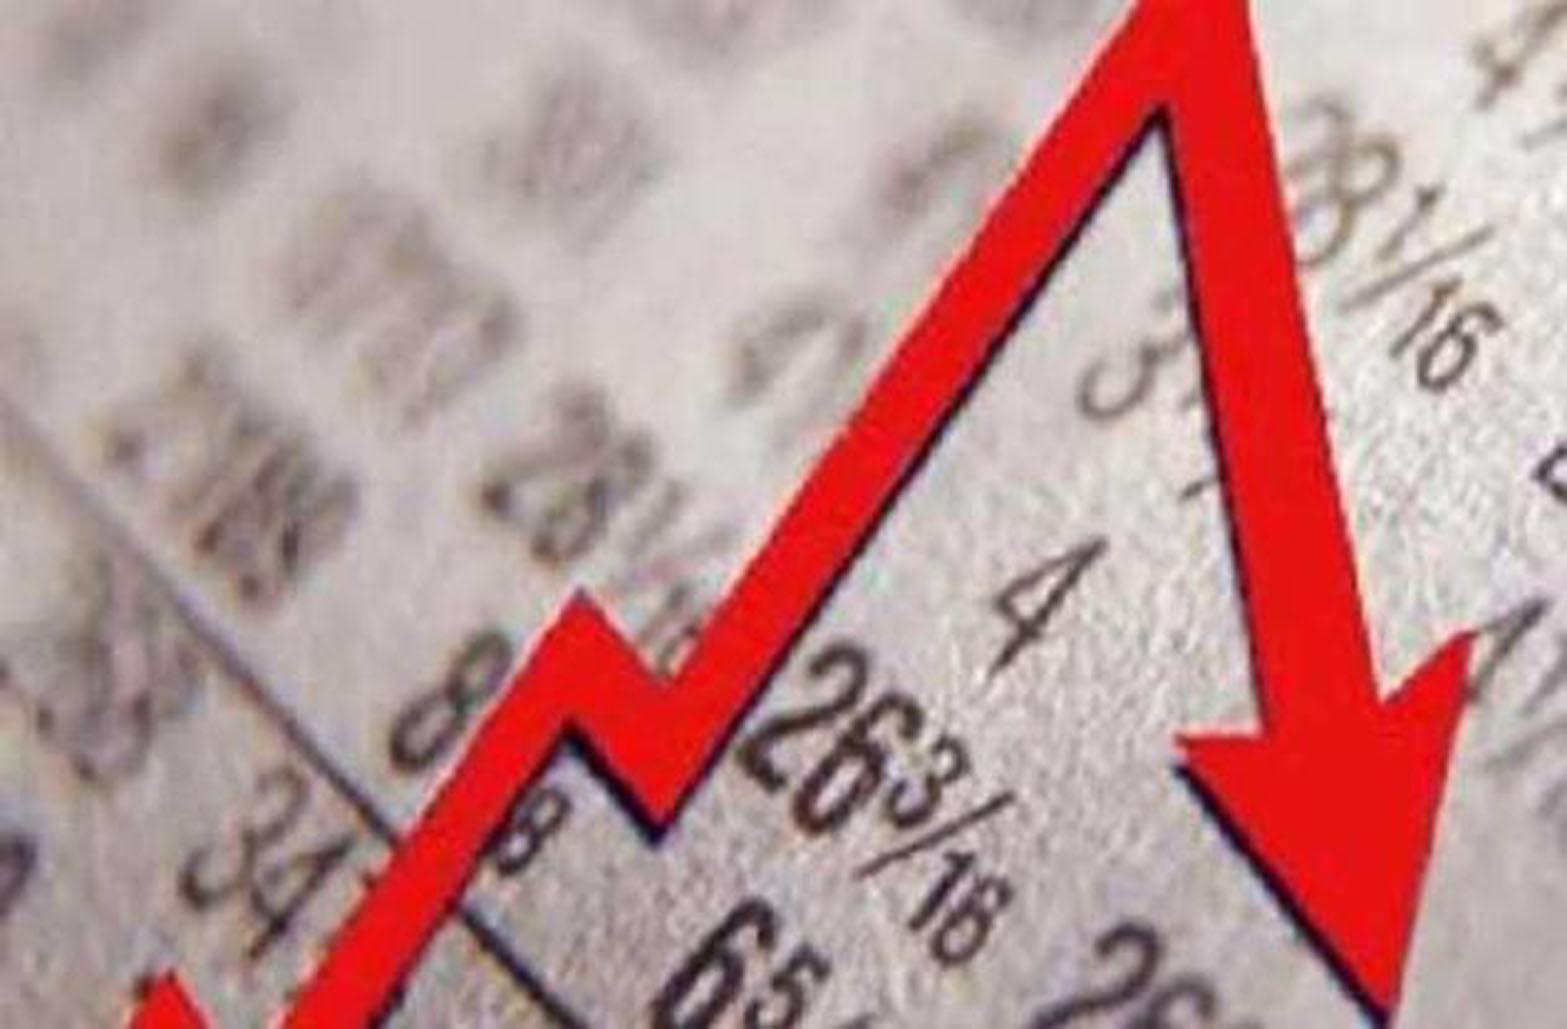 ΟΟΣΑ: Ύφεση ως 9,8% και ανεργία μέχρι 20,4% στην Ελλάδα